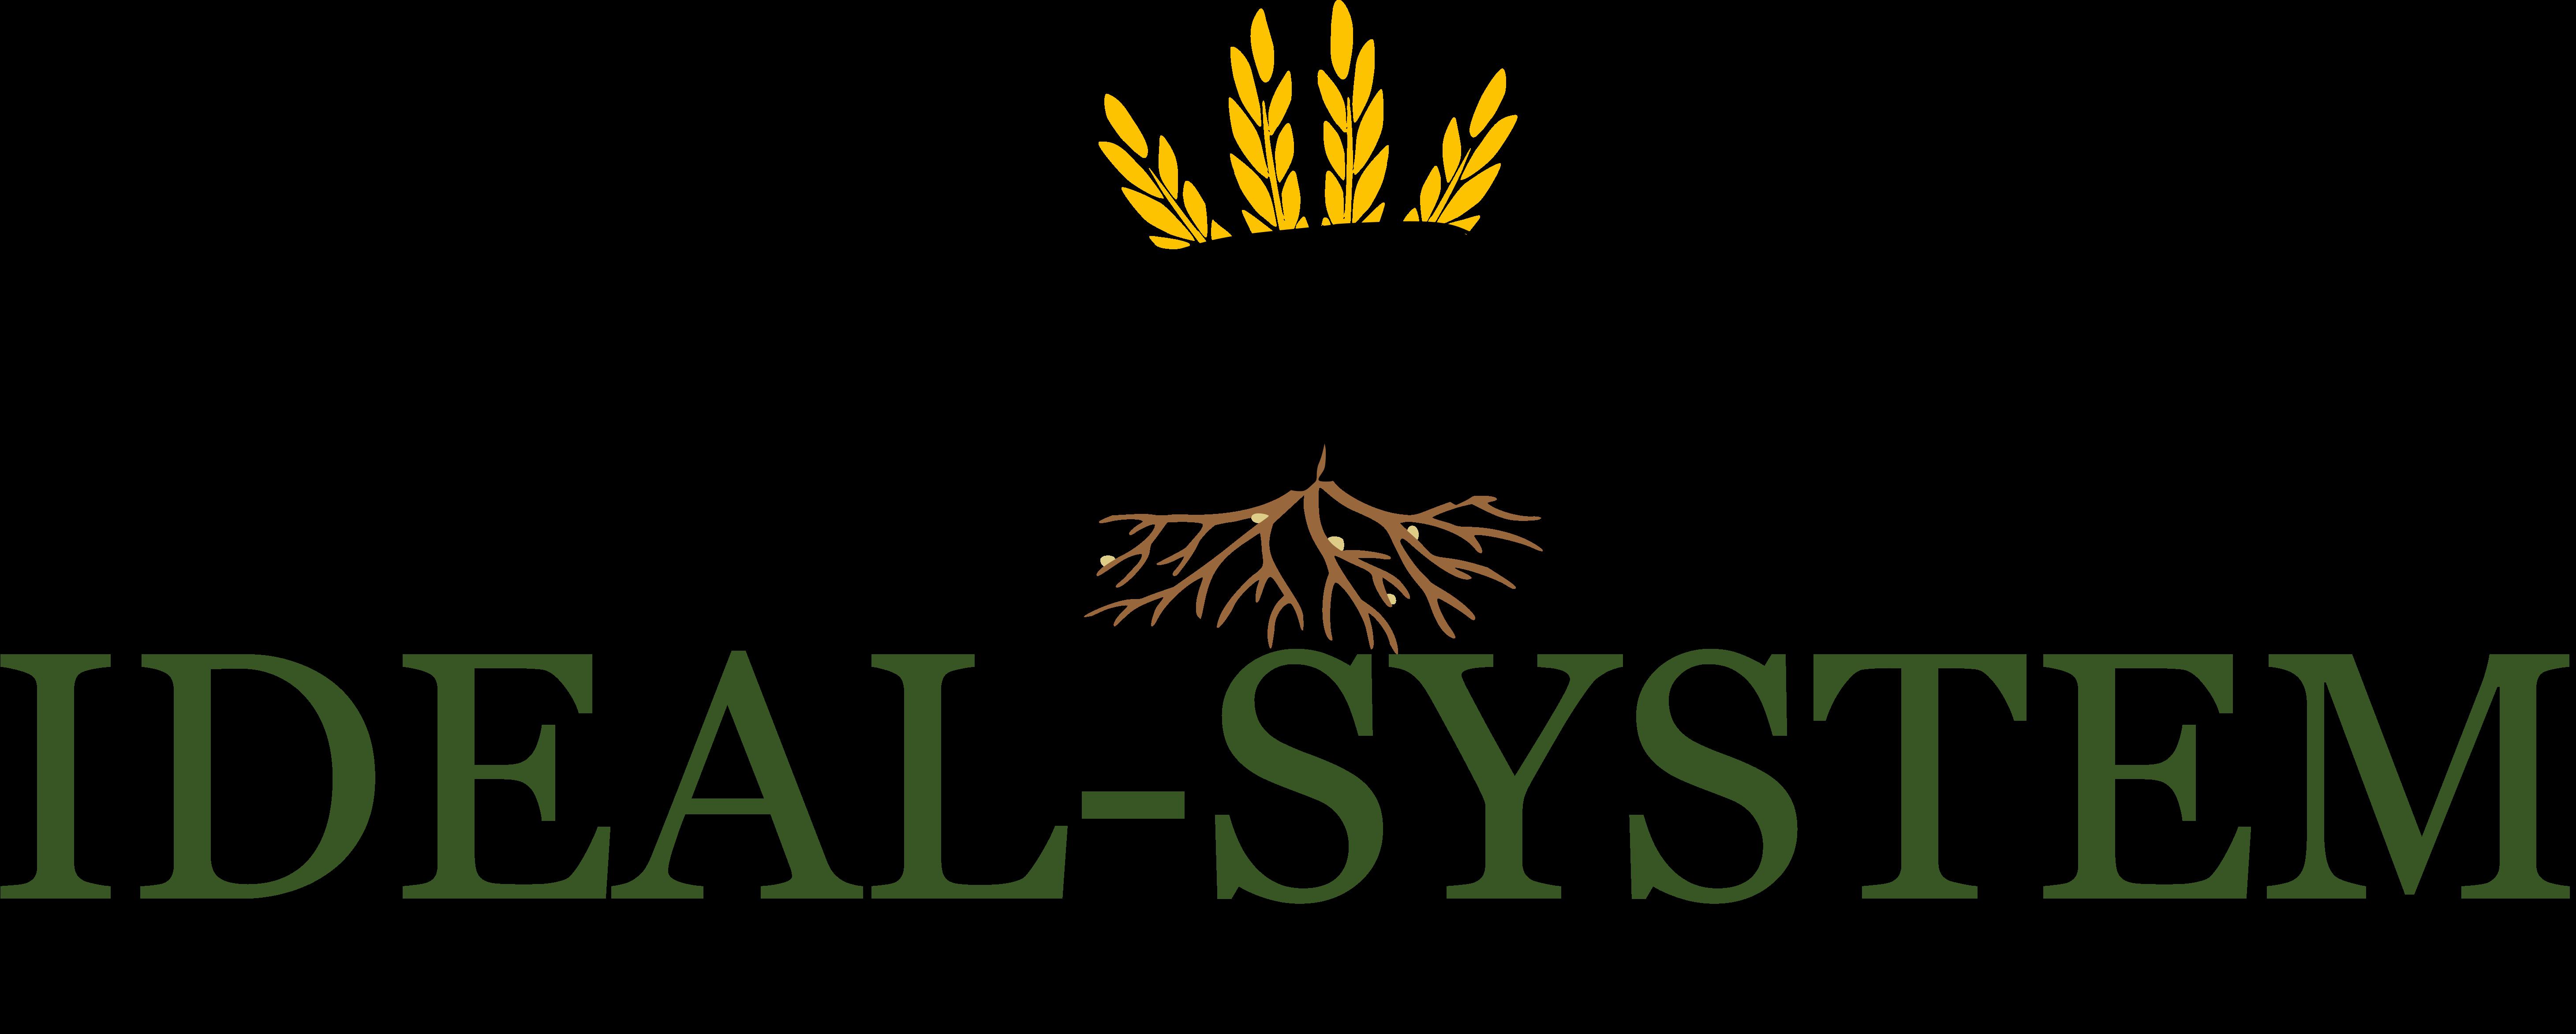 Ideal-Sytem landwirtschaftliche Ferkelproduktion GmbH